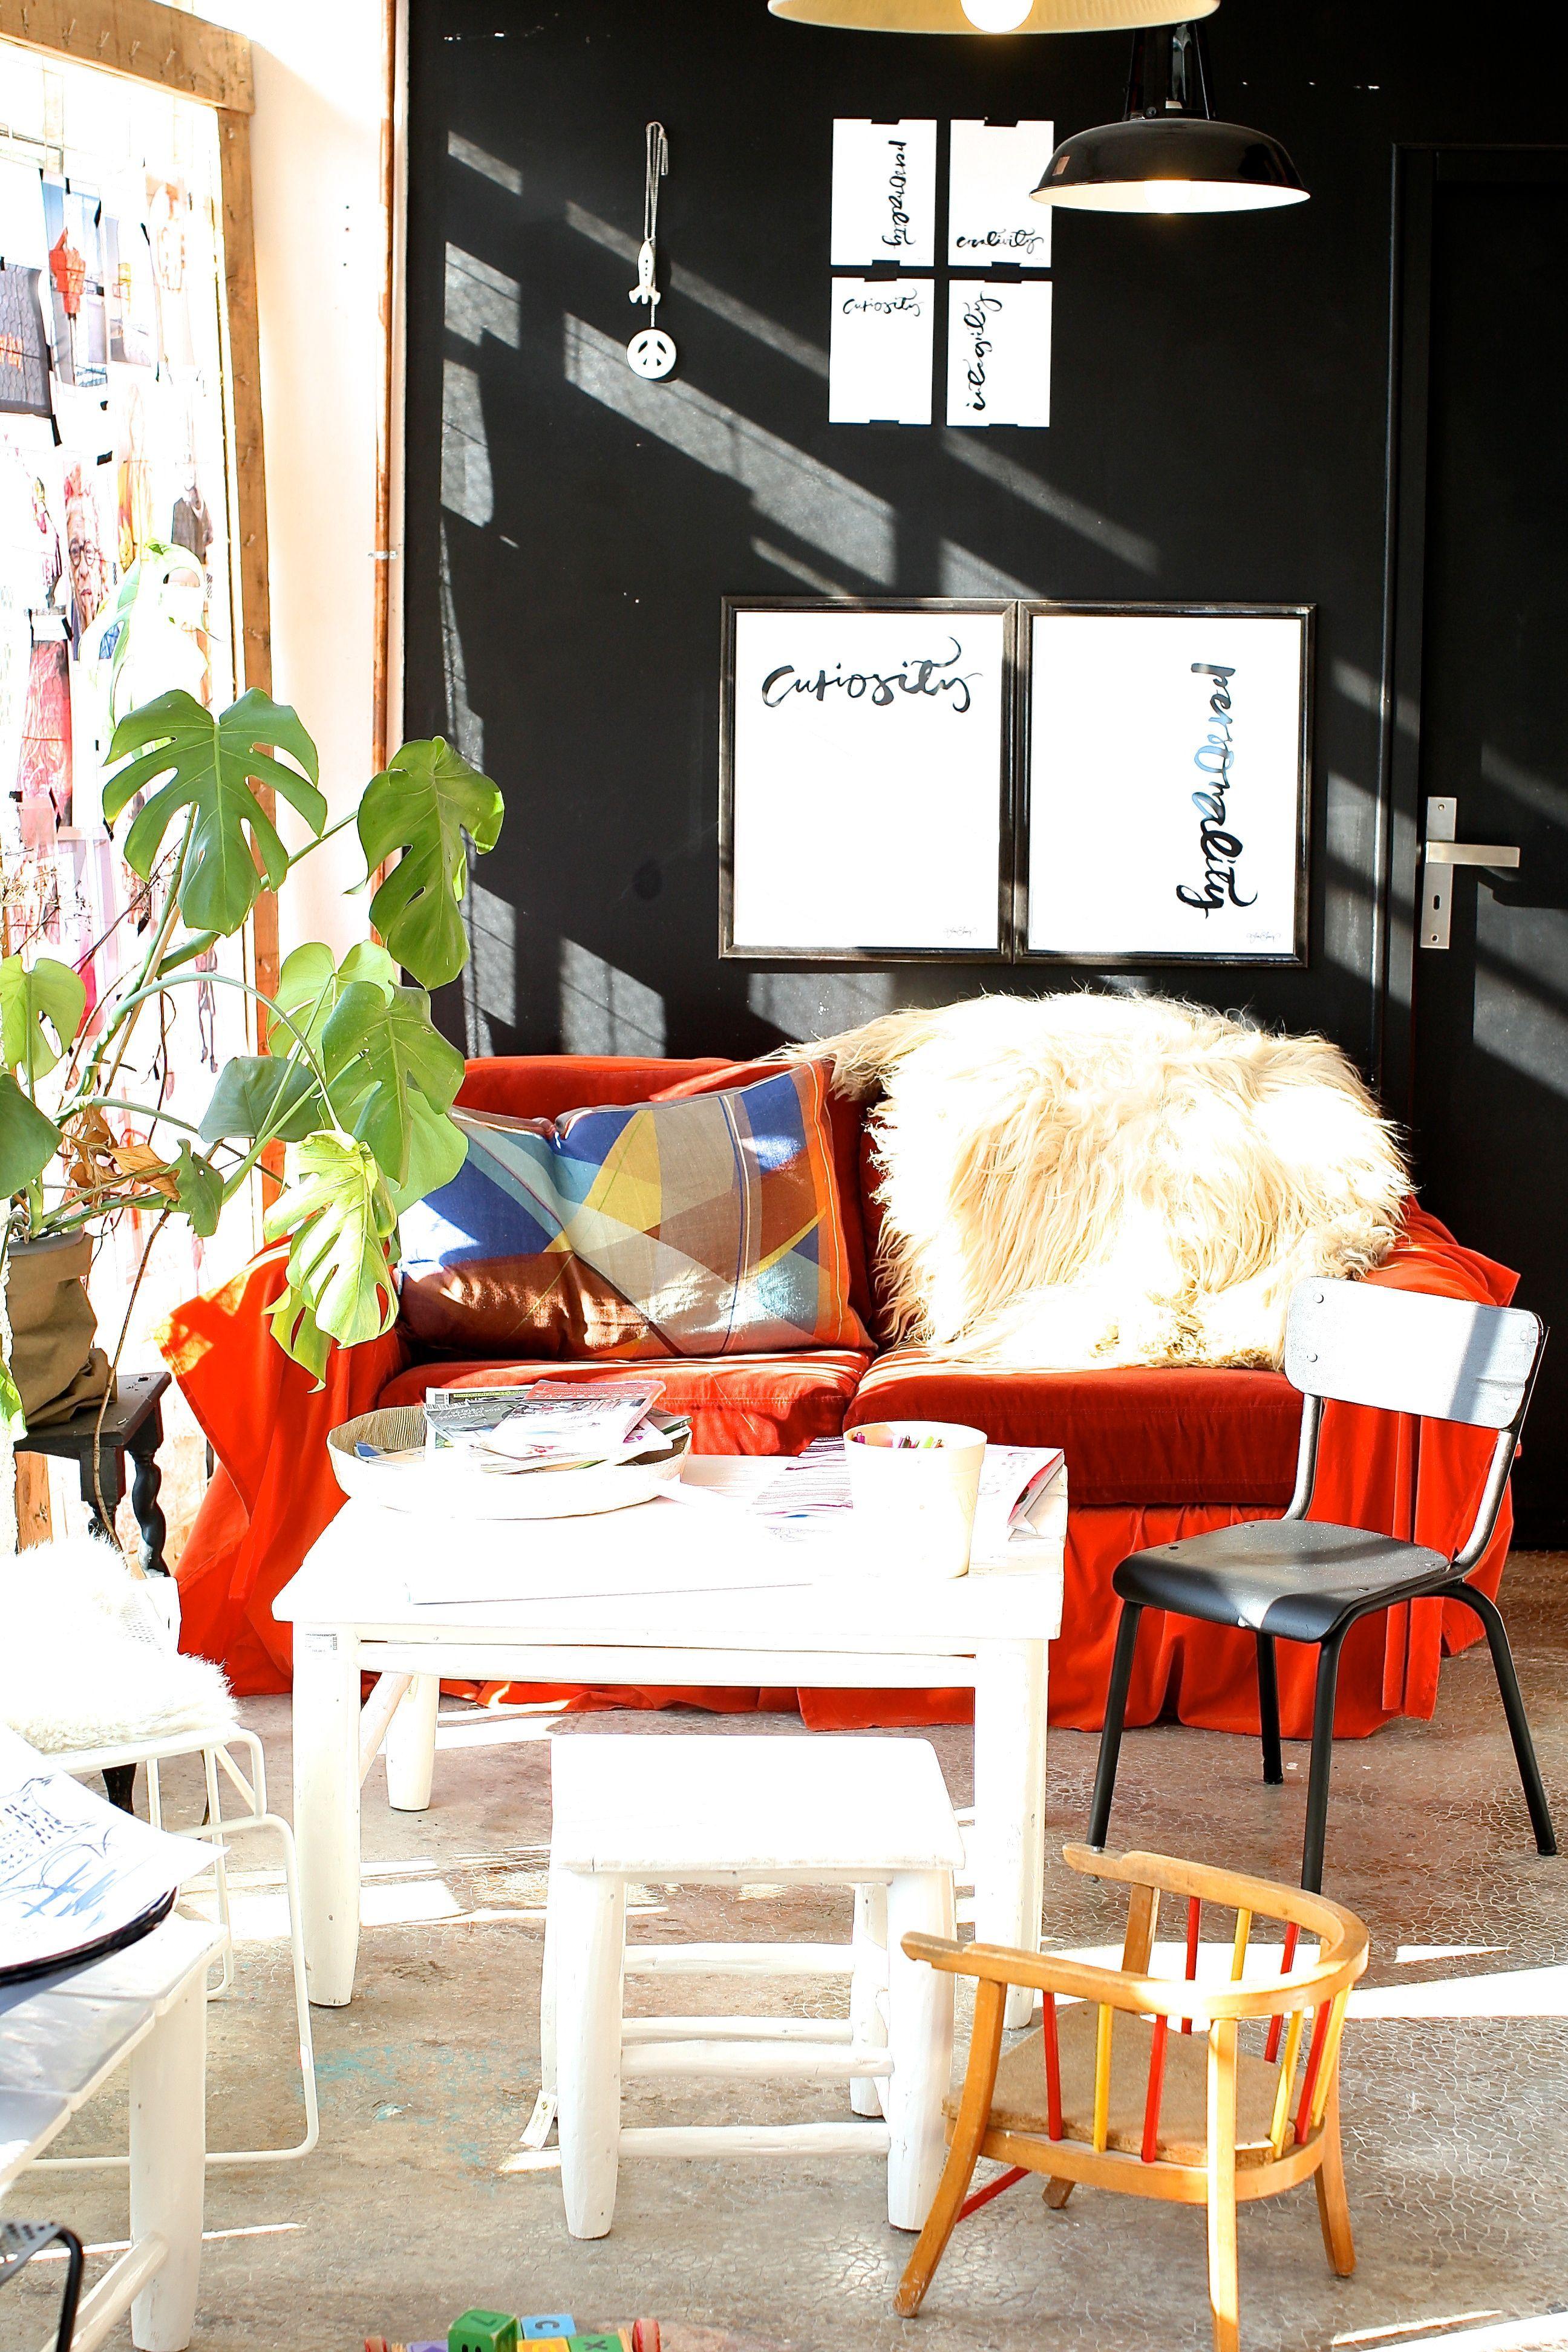 la maison pernoise concept store en provence caf salon casalil retailplaces pinterest. Black Bedroom Furniture Sets. Home Design Ideas